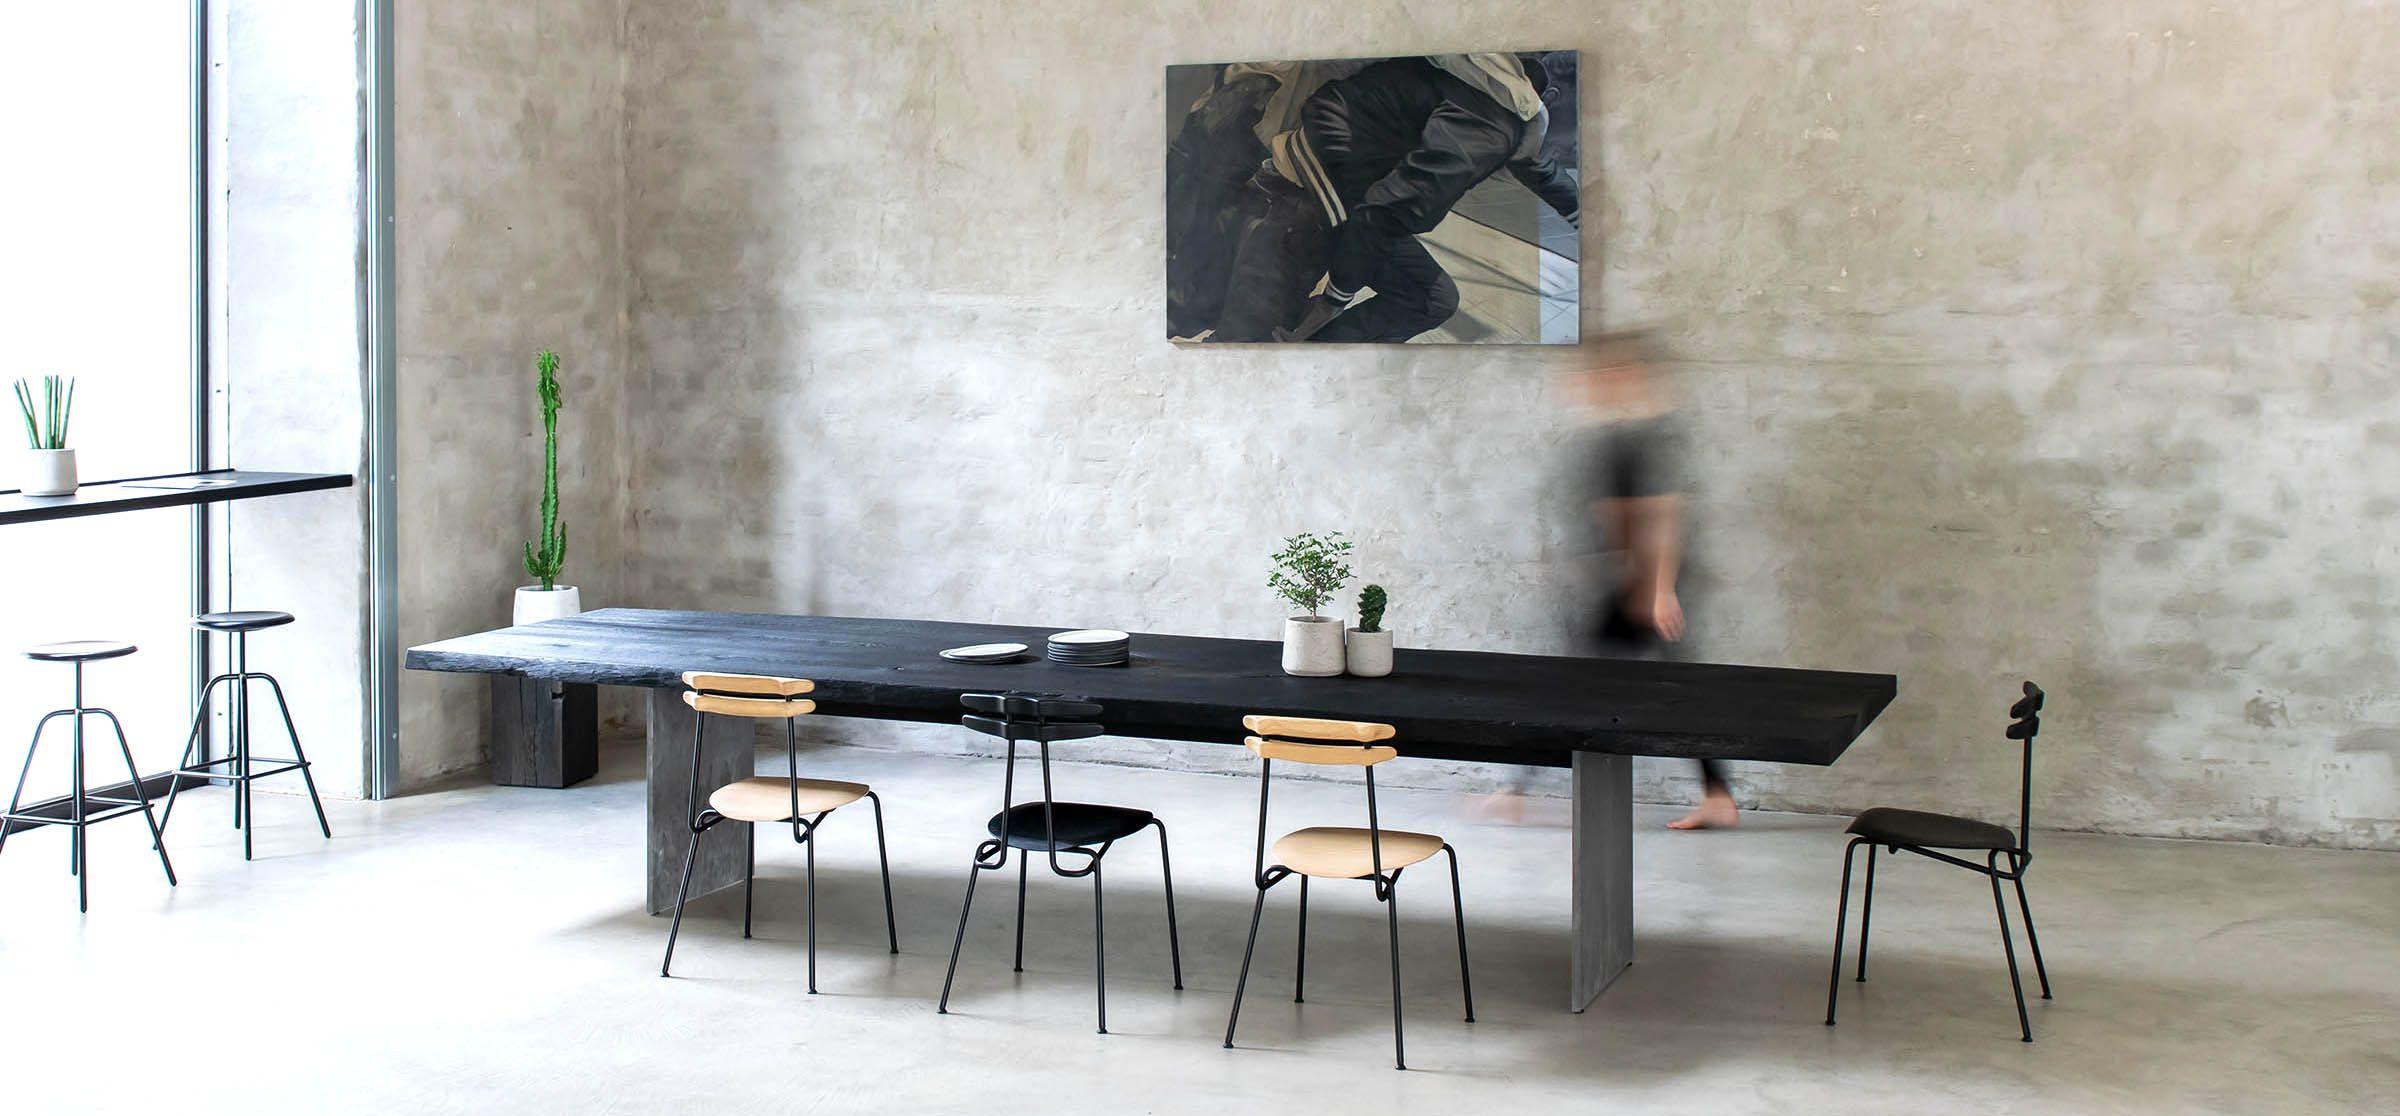 Esstisch Nach Maß In Geflammter Schwarzer Eiche Esstisch Esstisch Massivholz Tisch